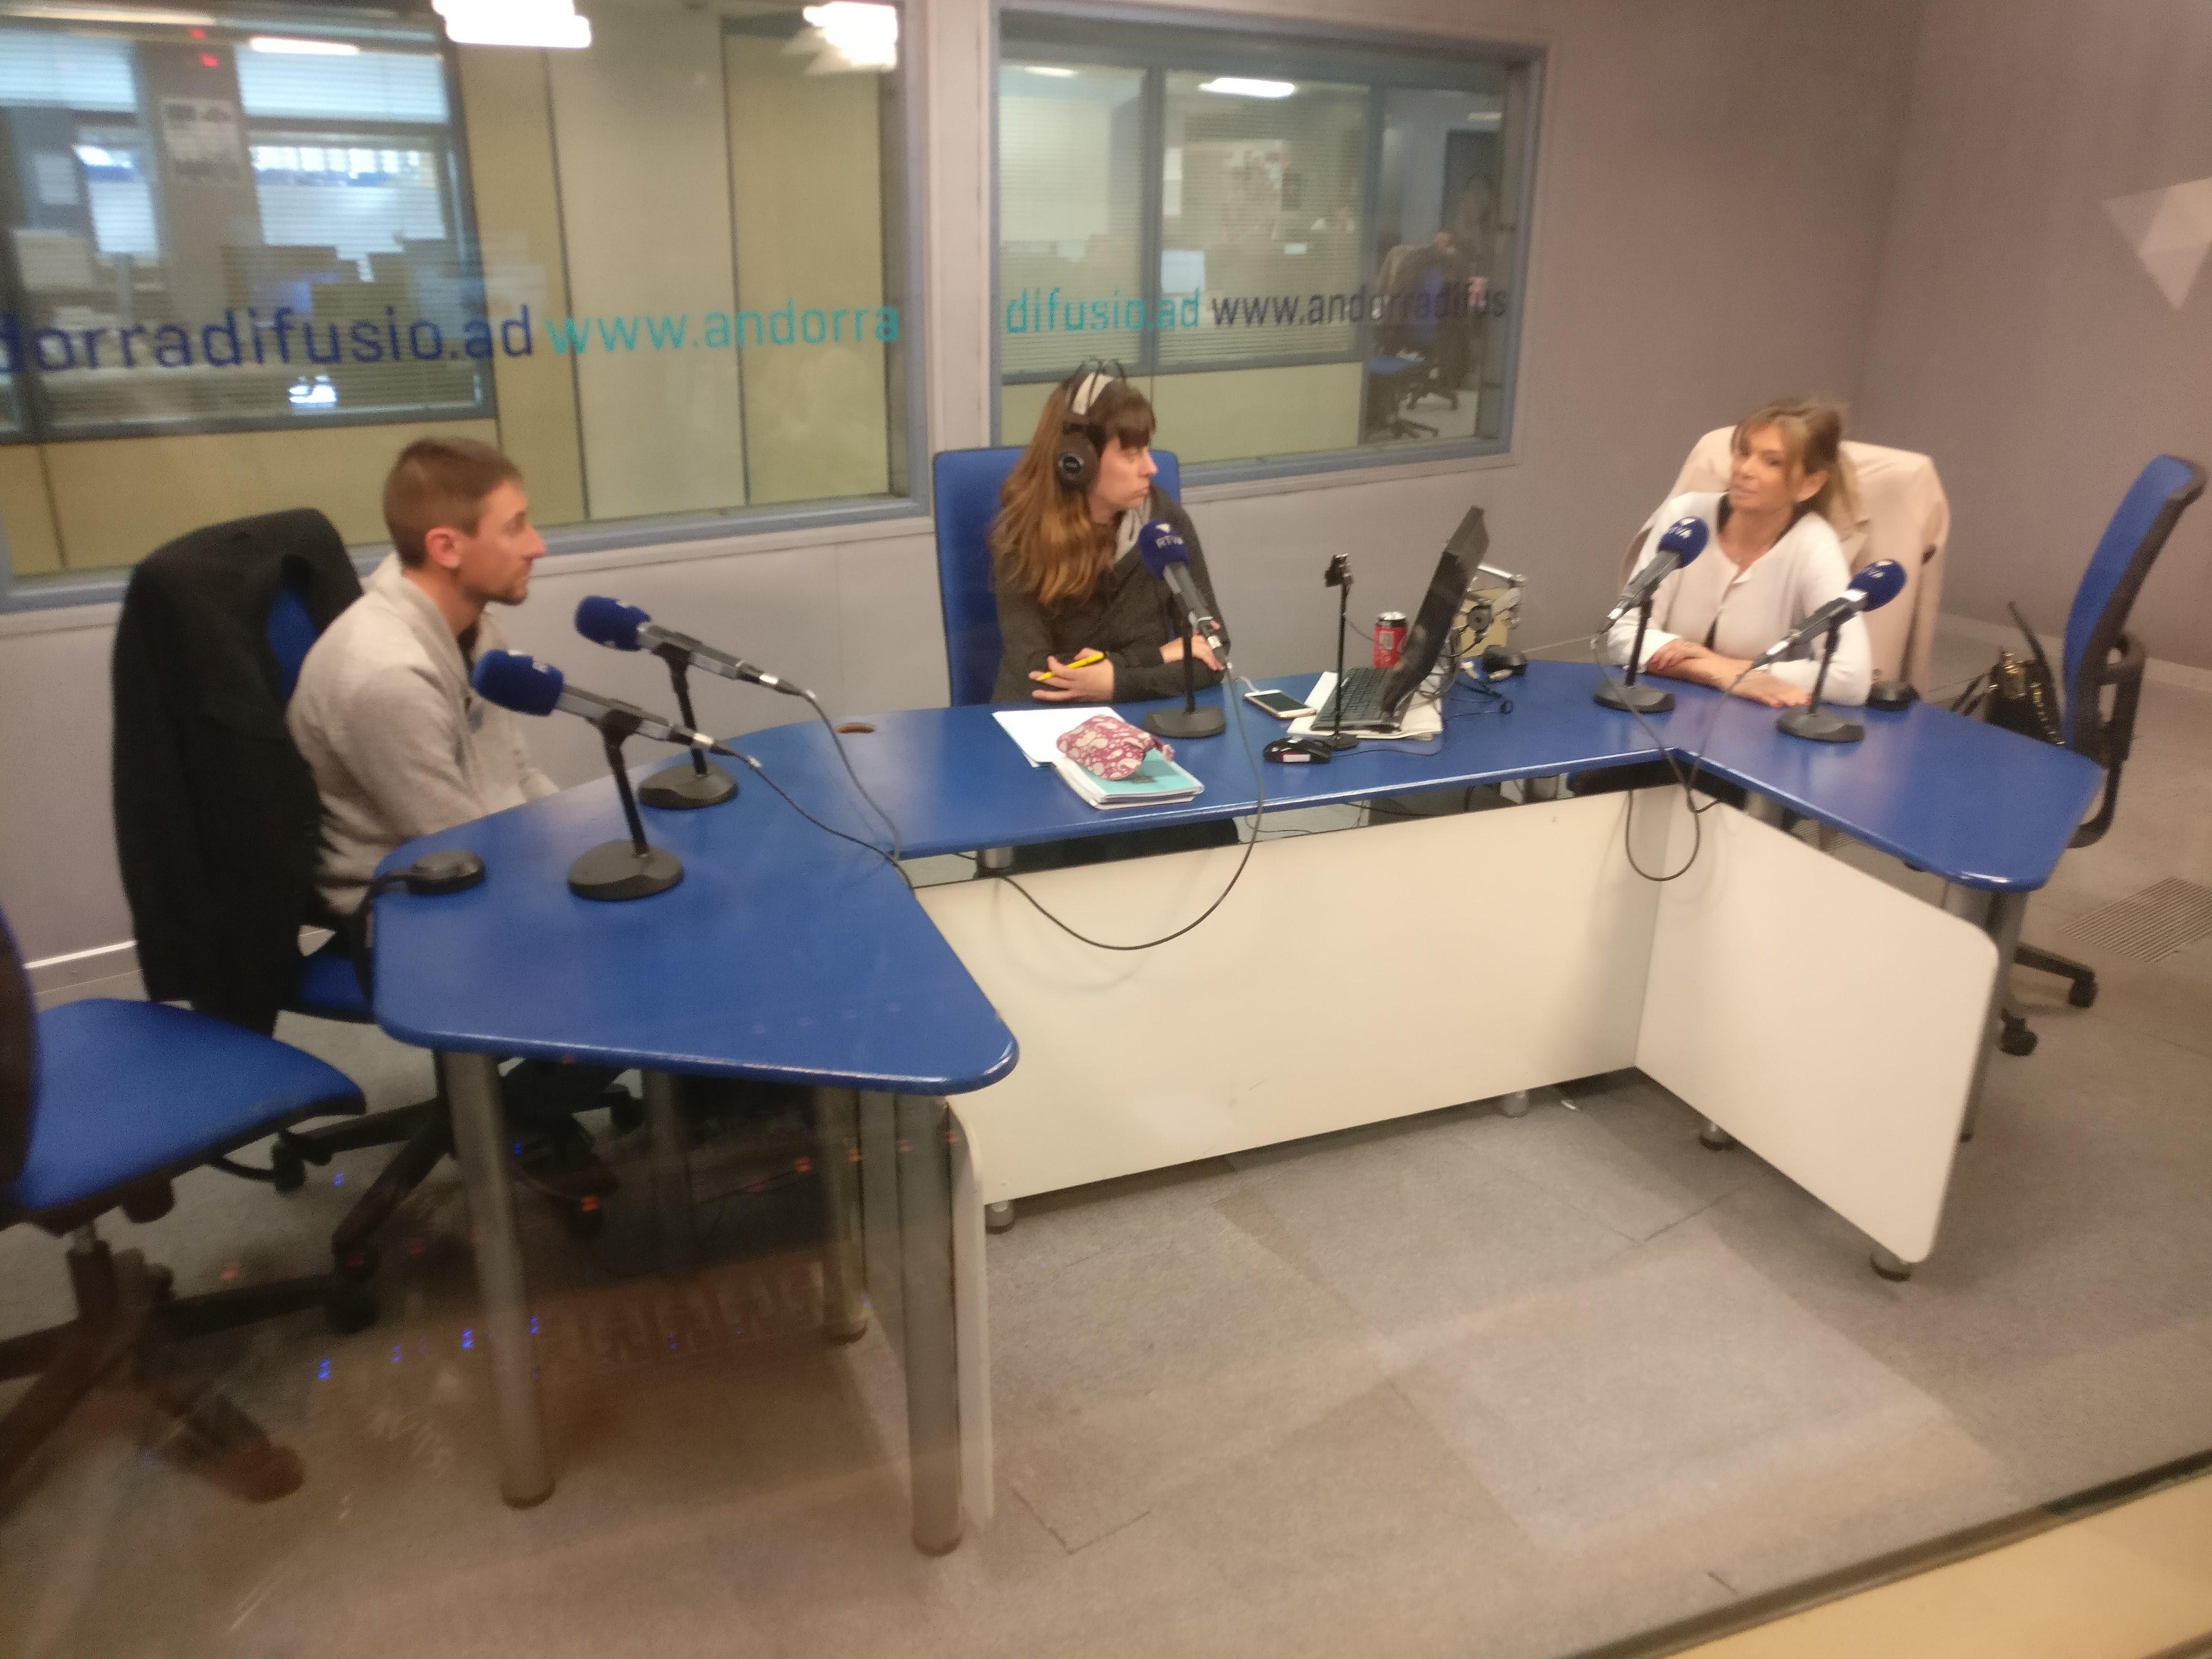 Tertúlia amb Elisa Muxella i Jordi Cabanes 27 de febrer del 2019